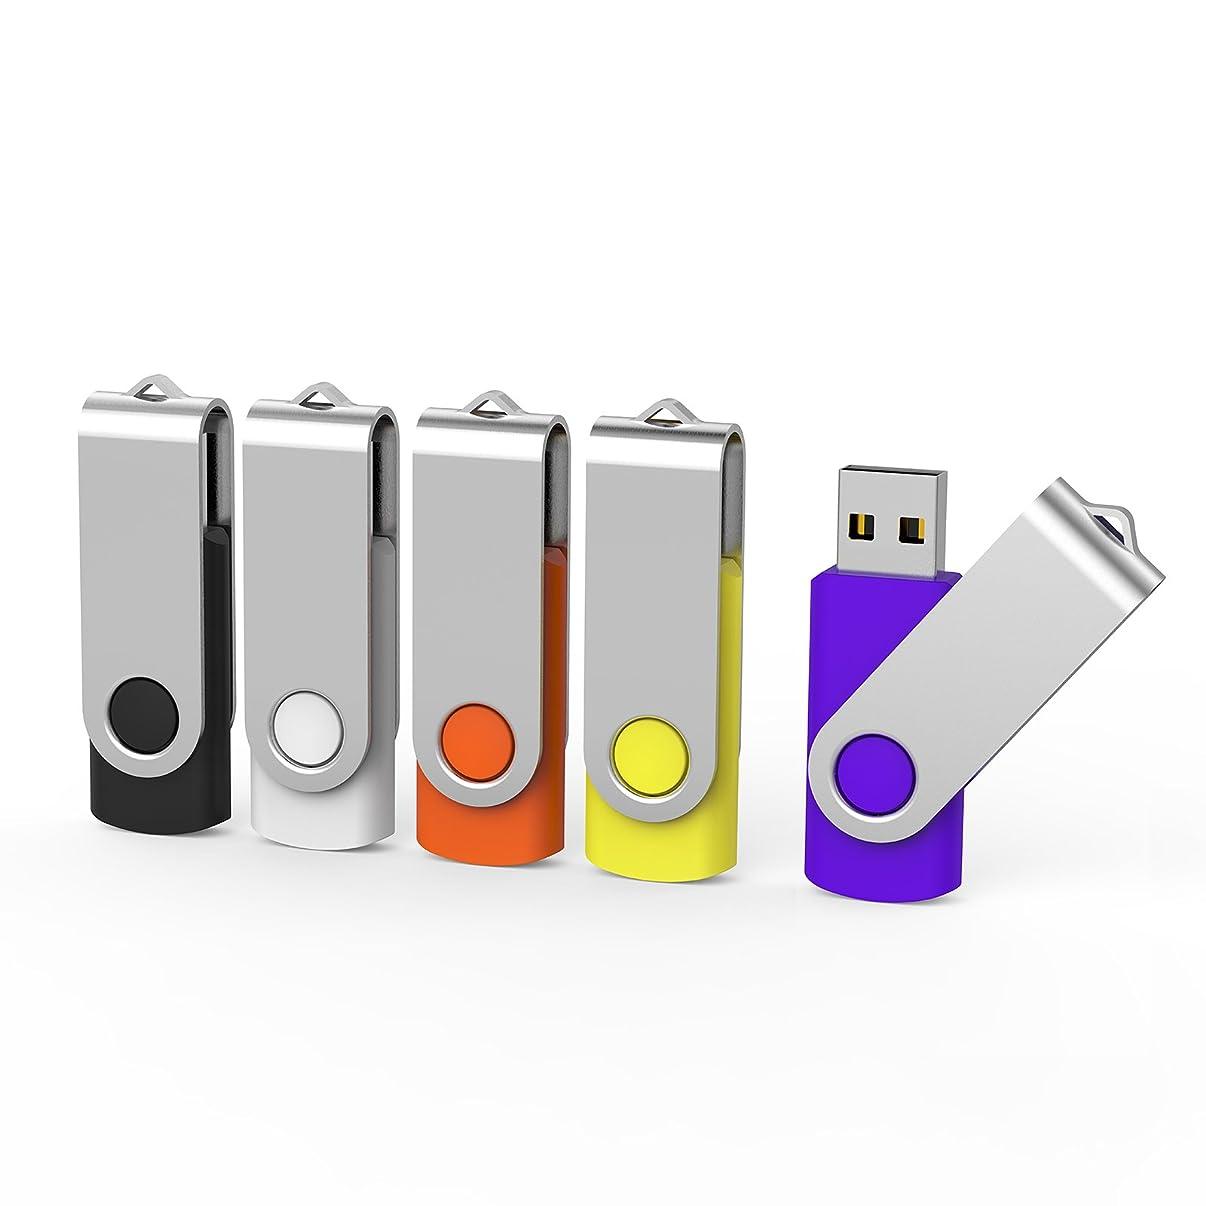 Aiibe 5pcs USB Flash Drive 4gb Pen Drive Thumb Drives (5 Colors: Black Red Yellow White Purple)